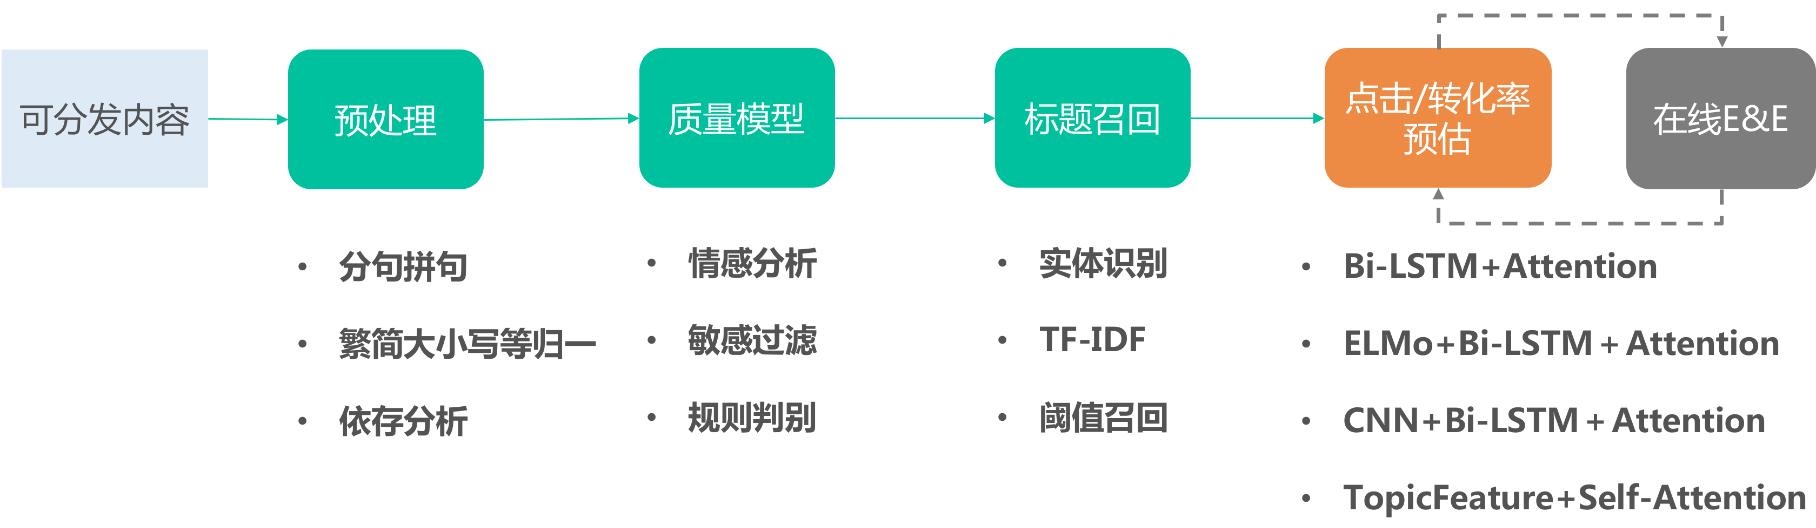 图9 抽取式生成标题流程